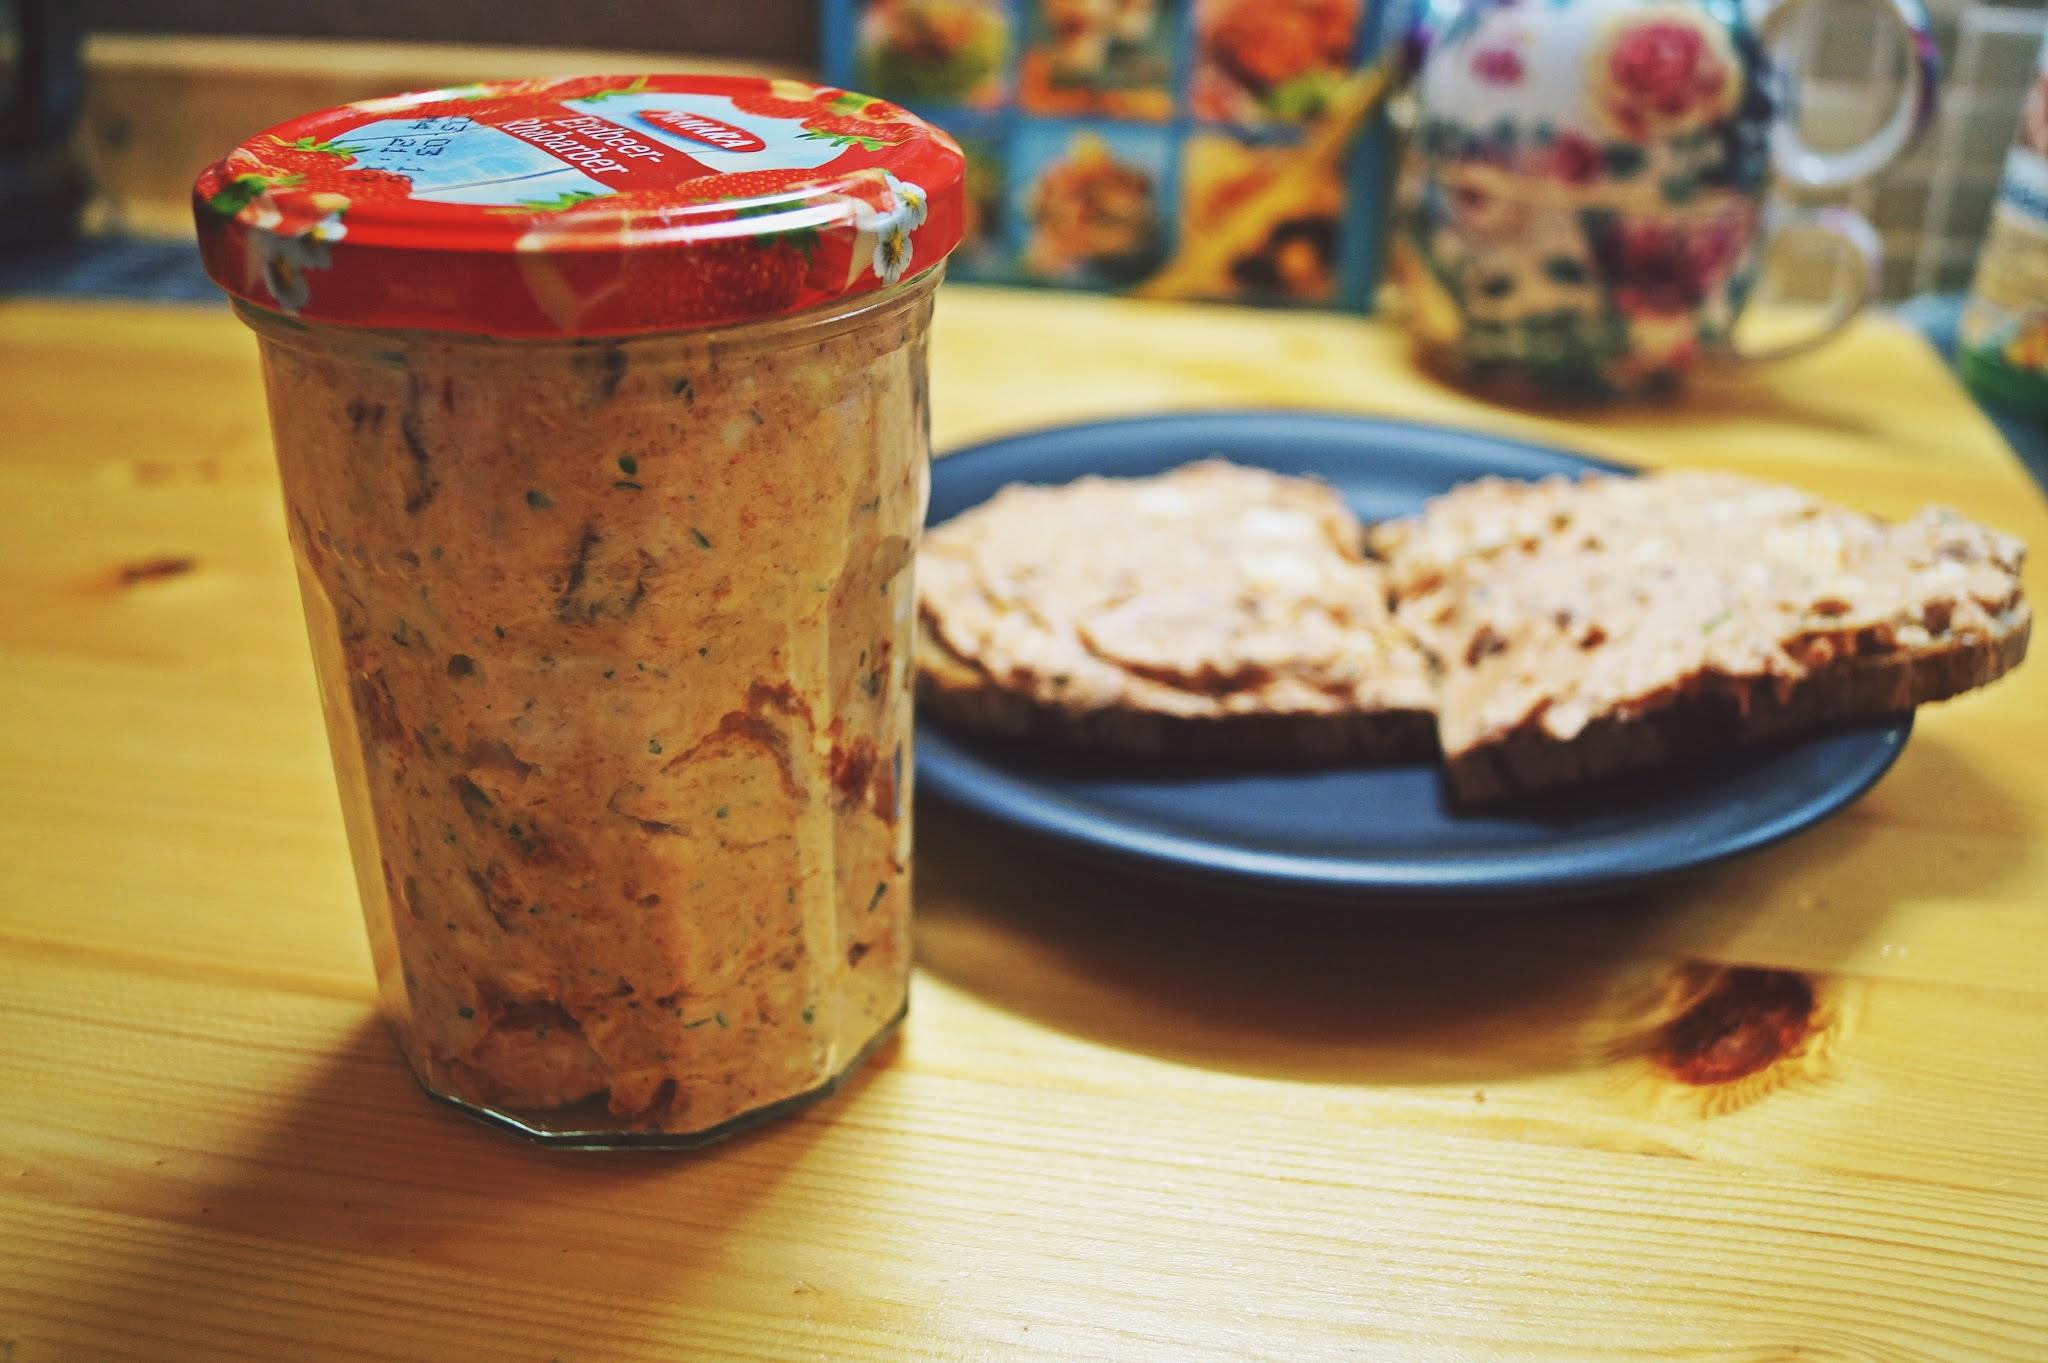 Frischkäseaufstrich im Glas und auf dem Brot